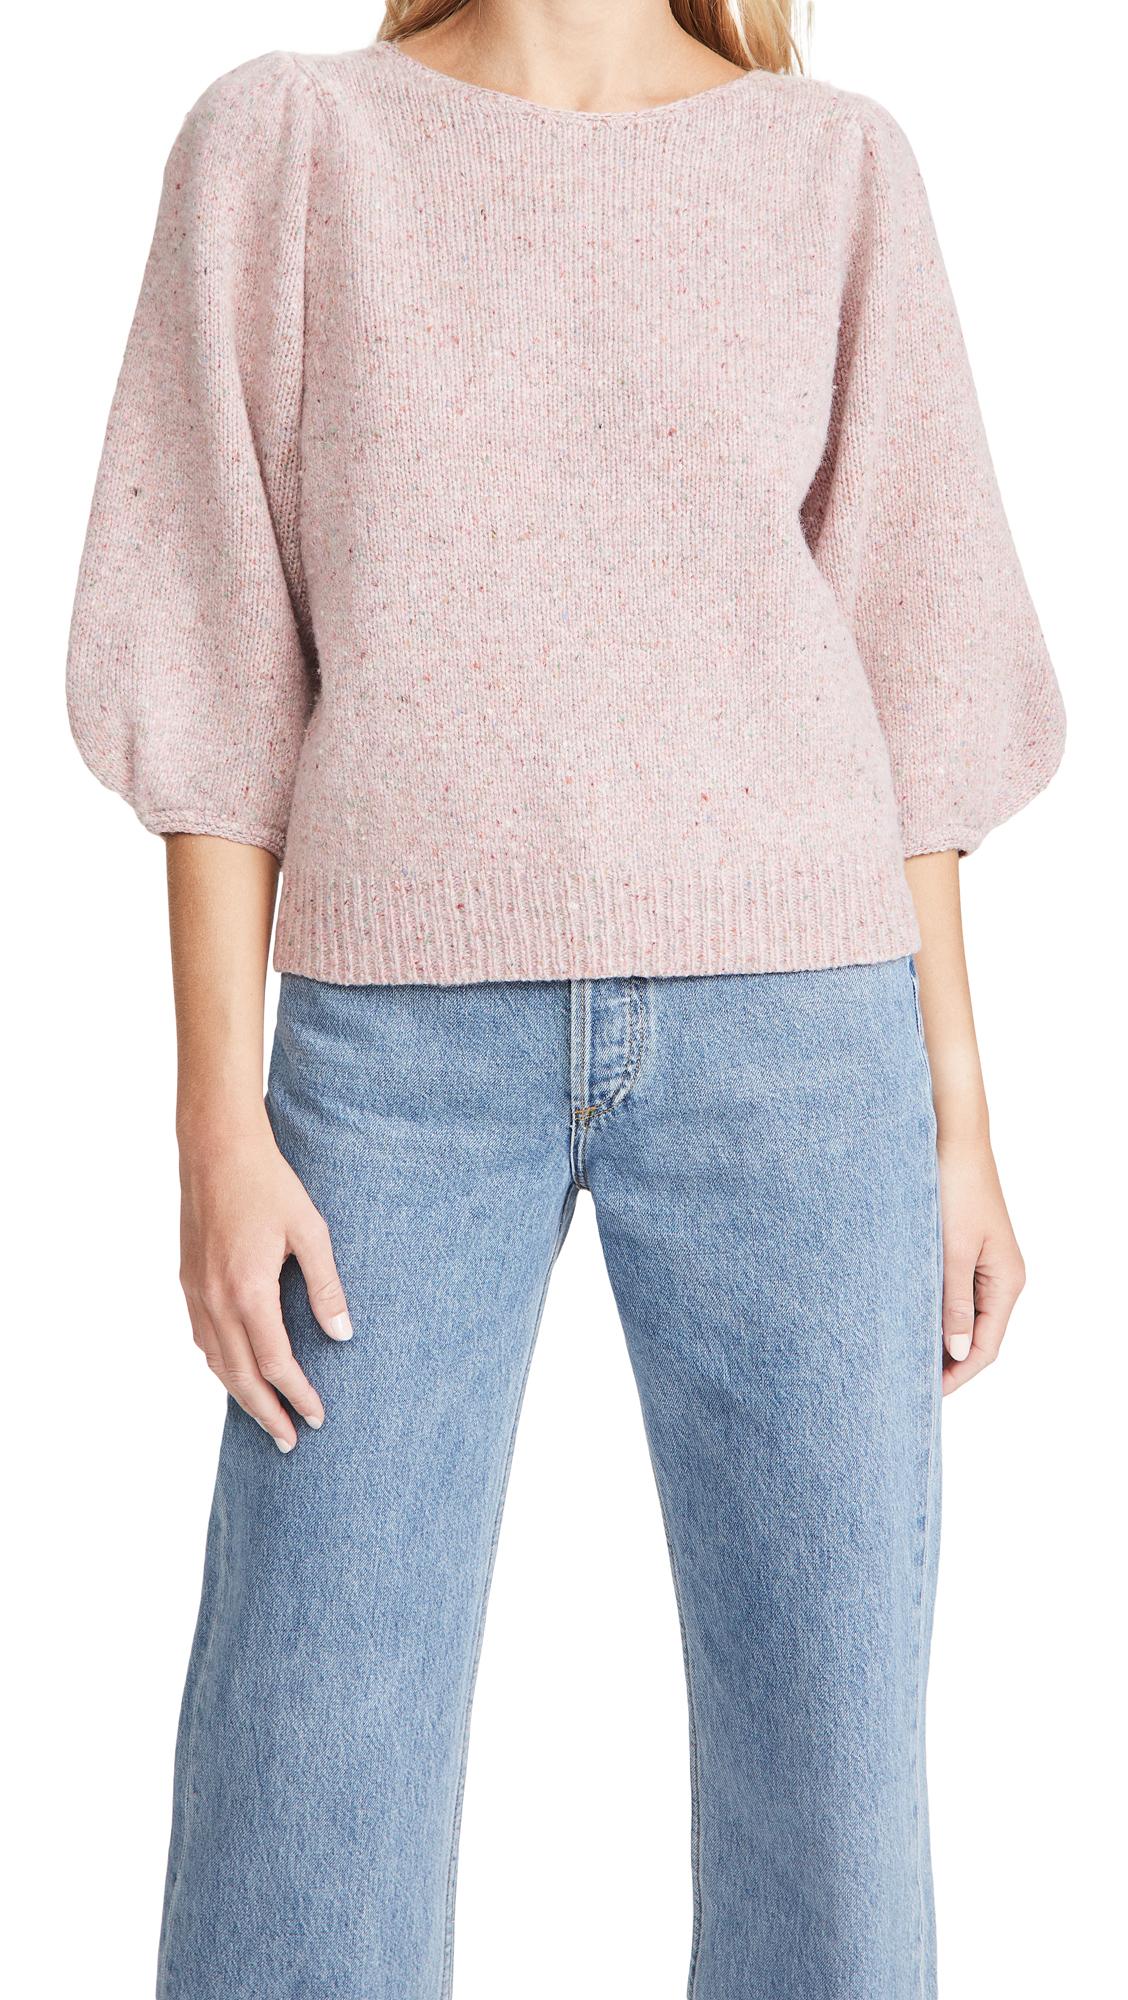 DEMYLEE Honora Sweater